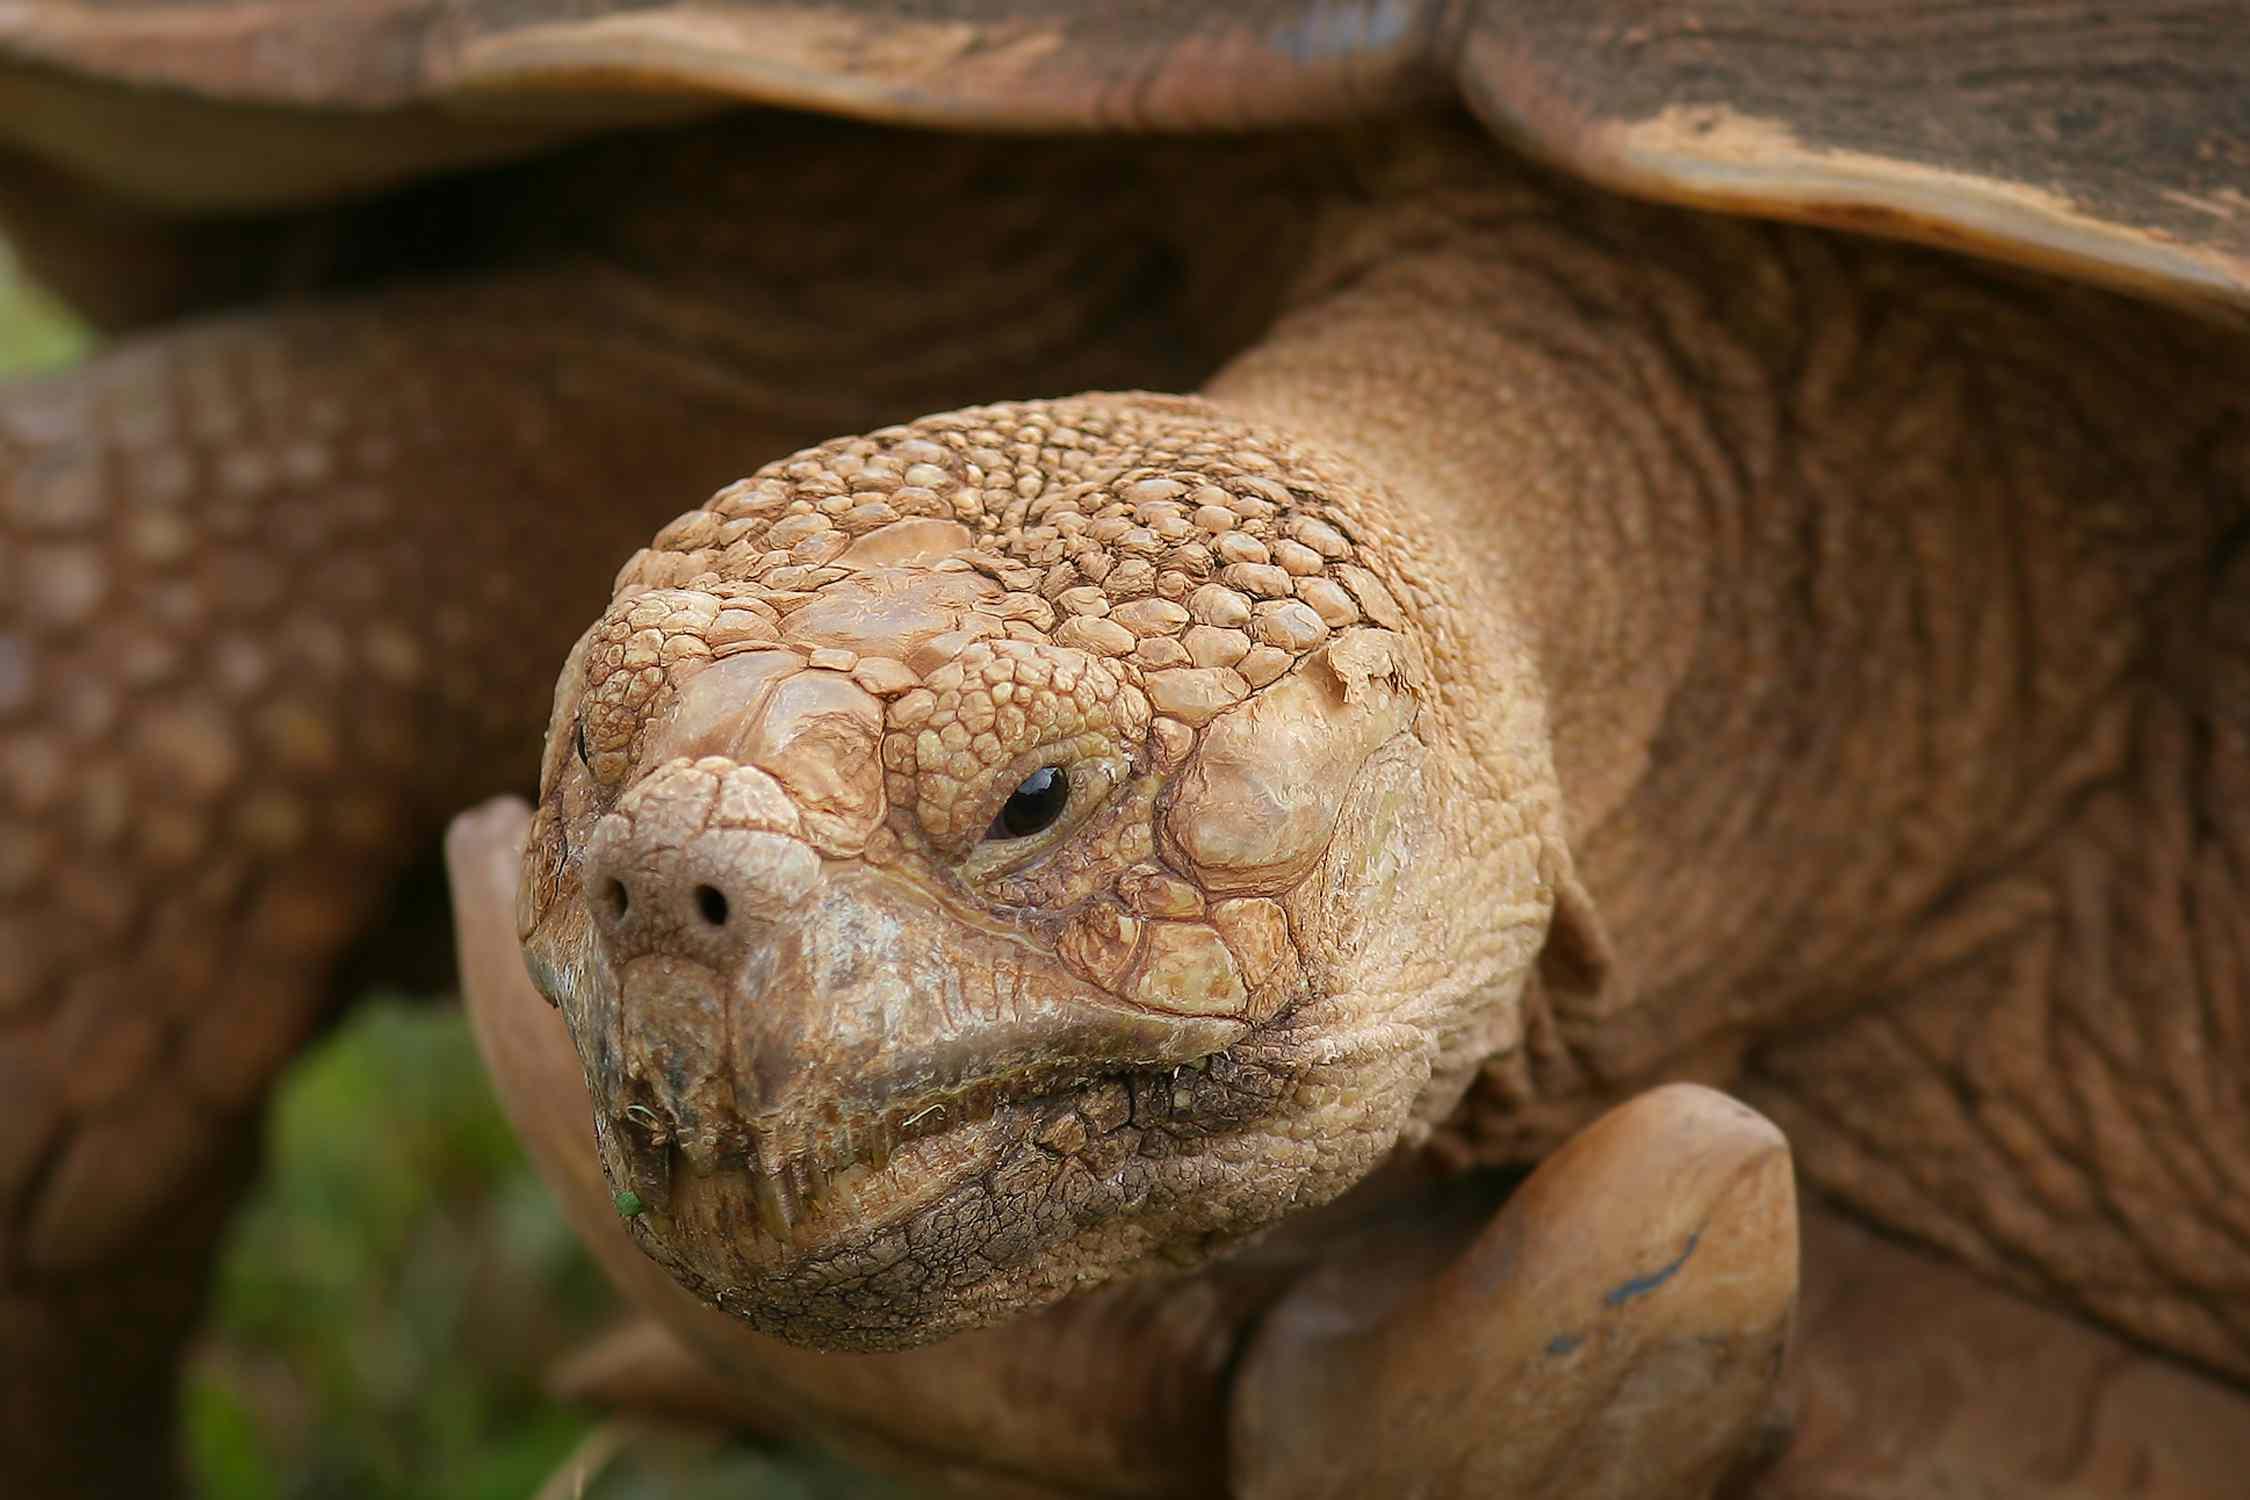 Turtles - Testudines